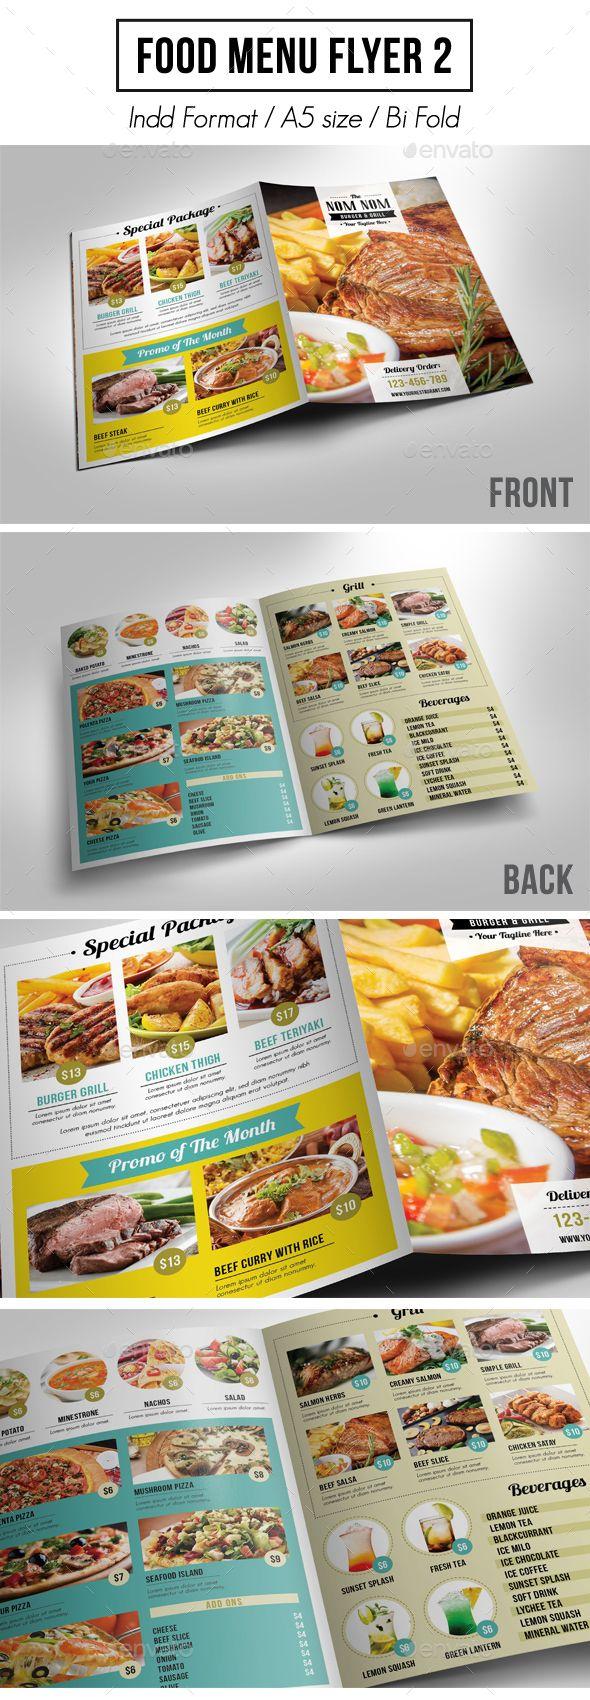 White apron menu warrington - Food Menu Flyer 2